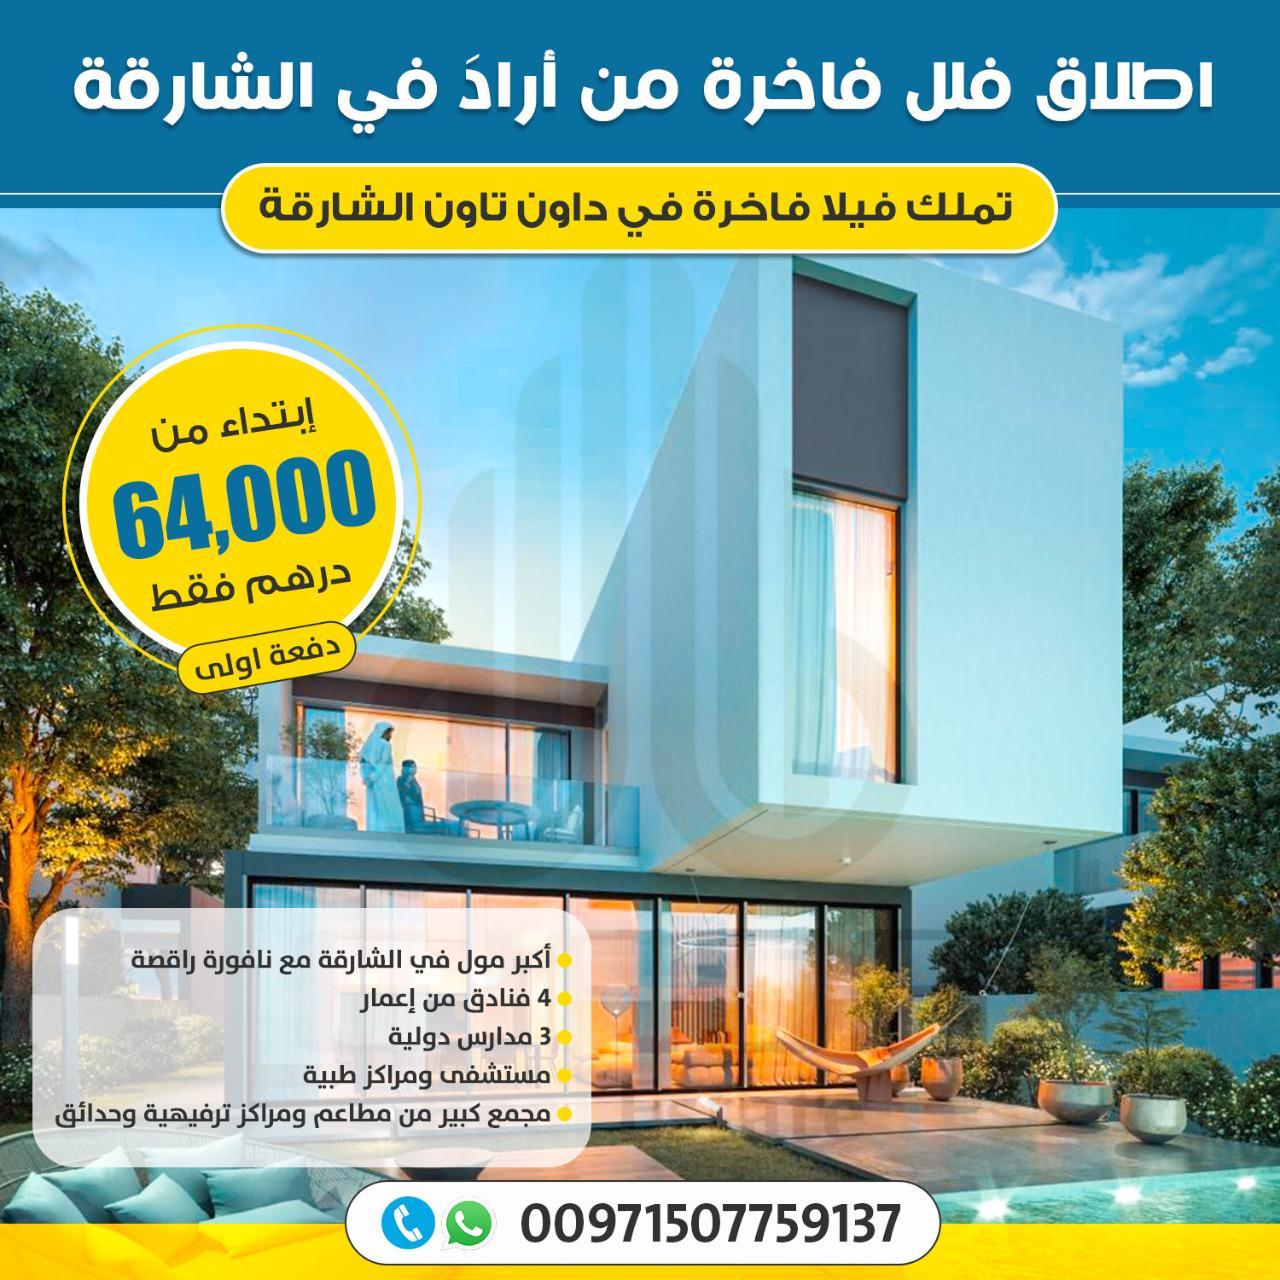 فلل للبيع في الشارقة 373659693